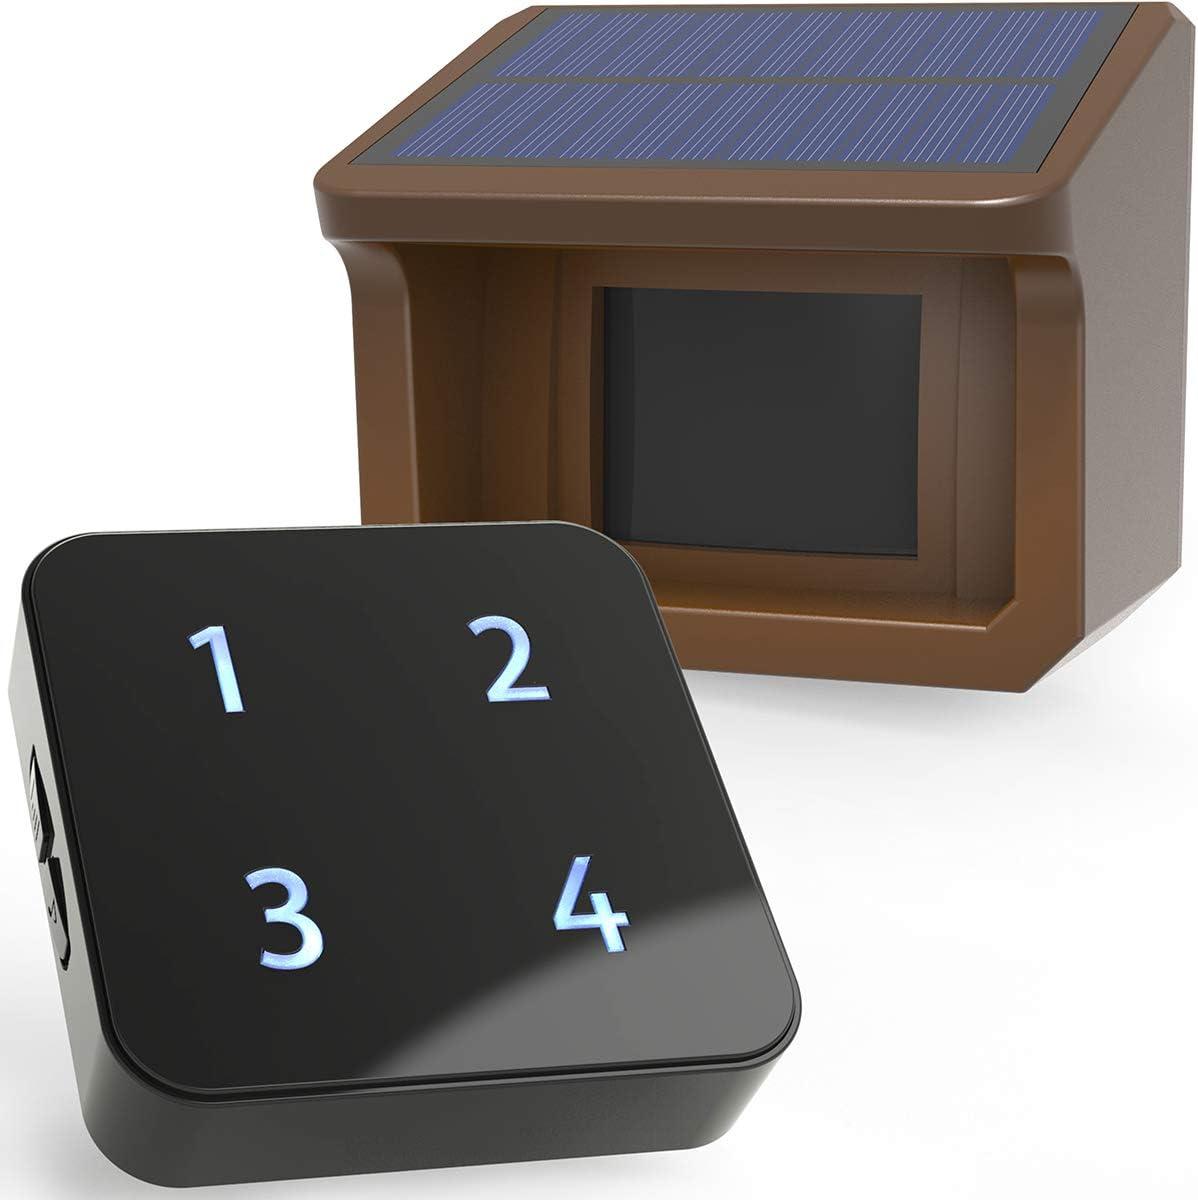 HTZSafe Solar Driveway Alarm System